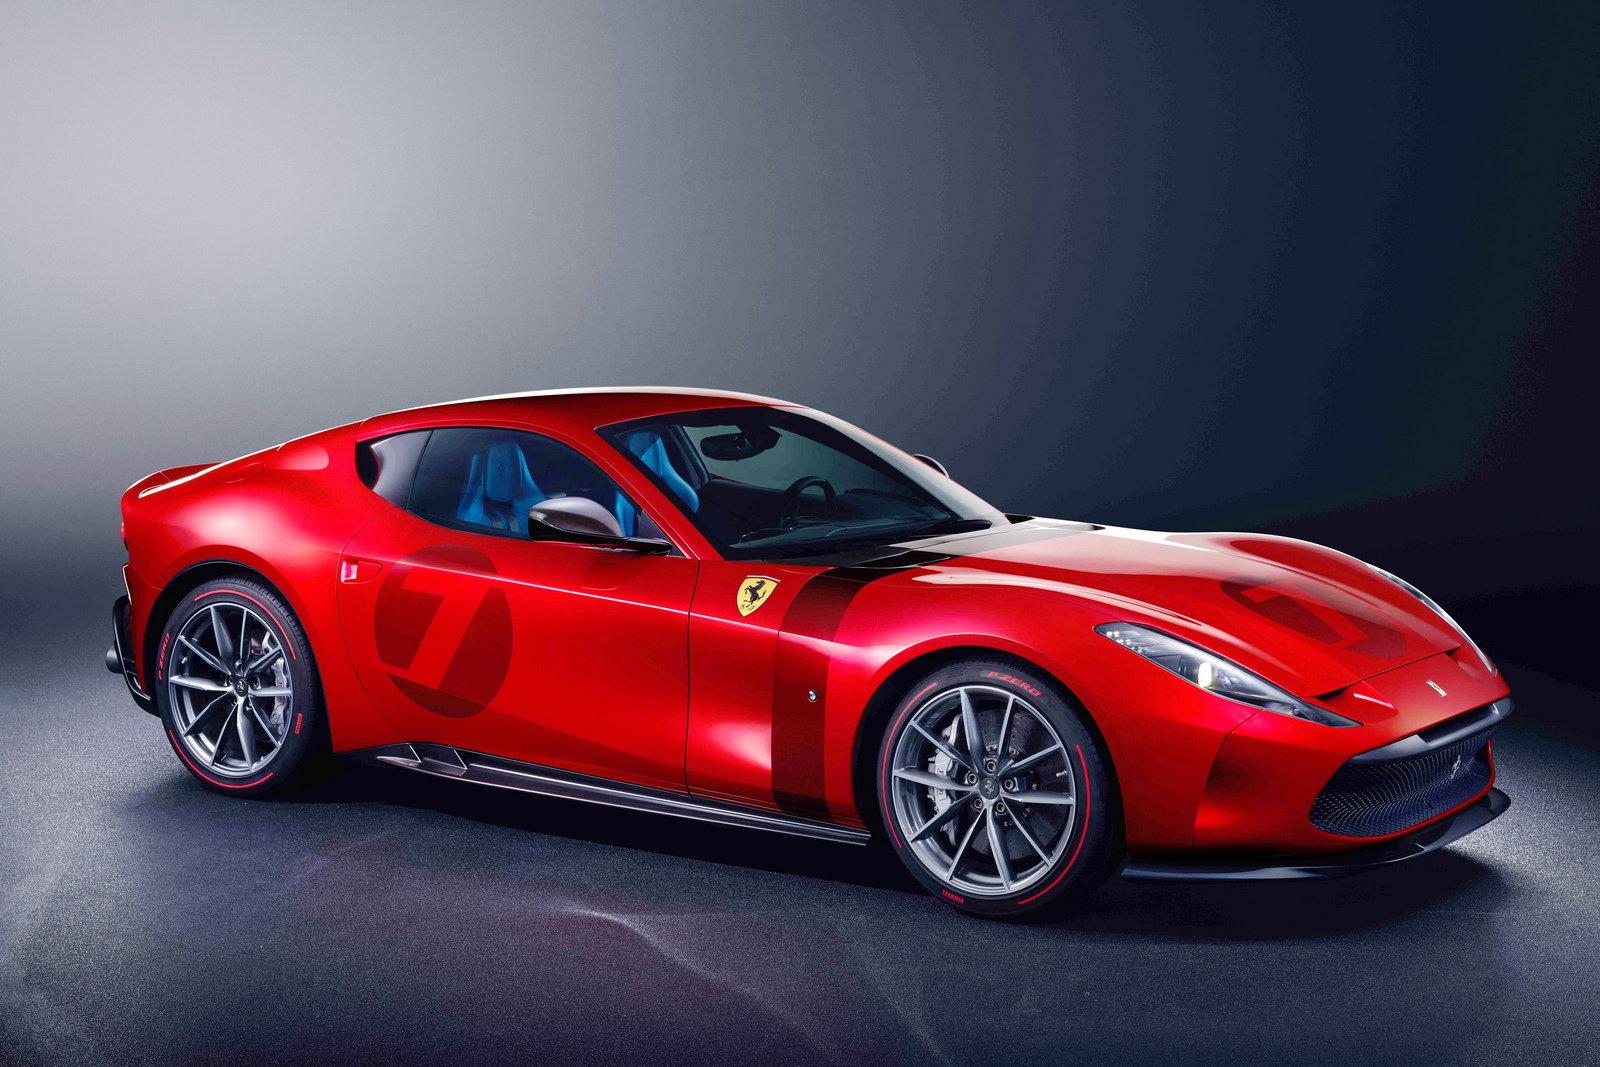 Ferrari Omologata è Unica E Si Ispira Alla 250 Gto